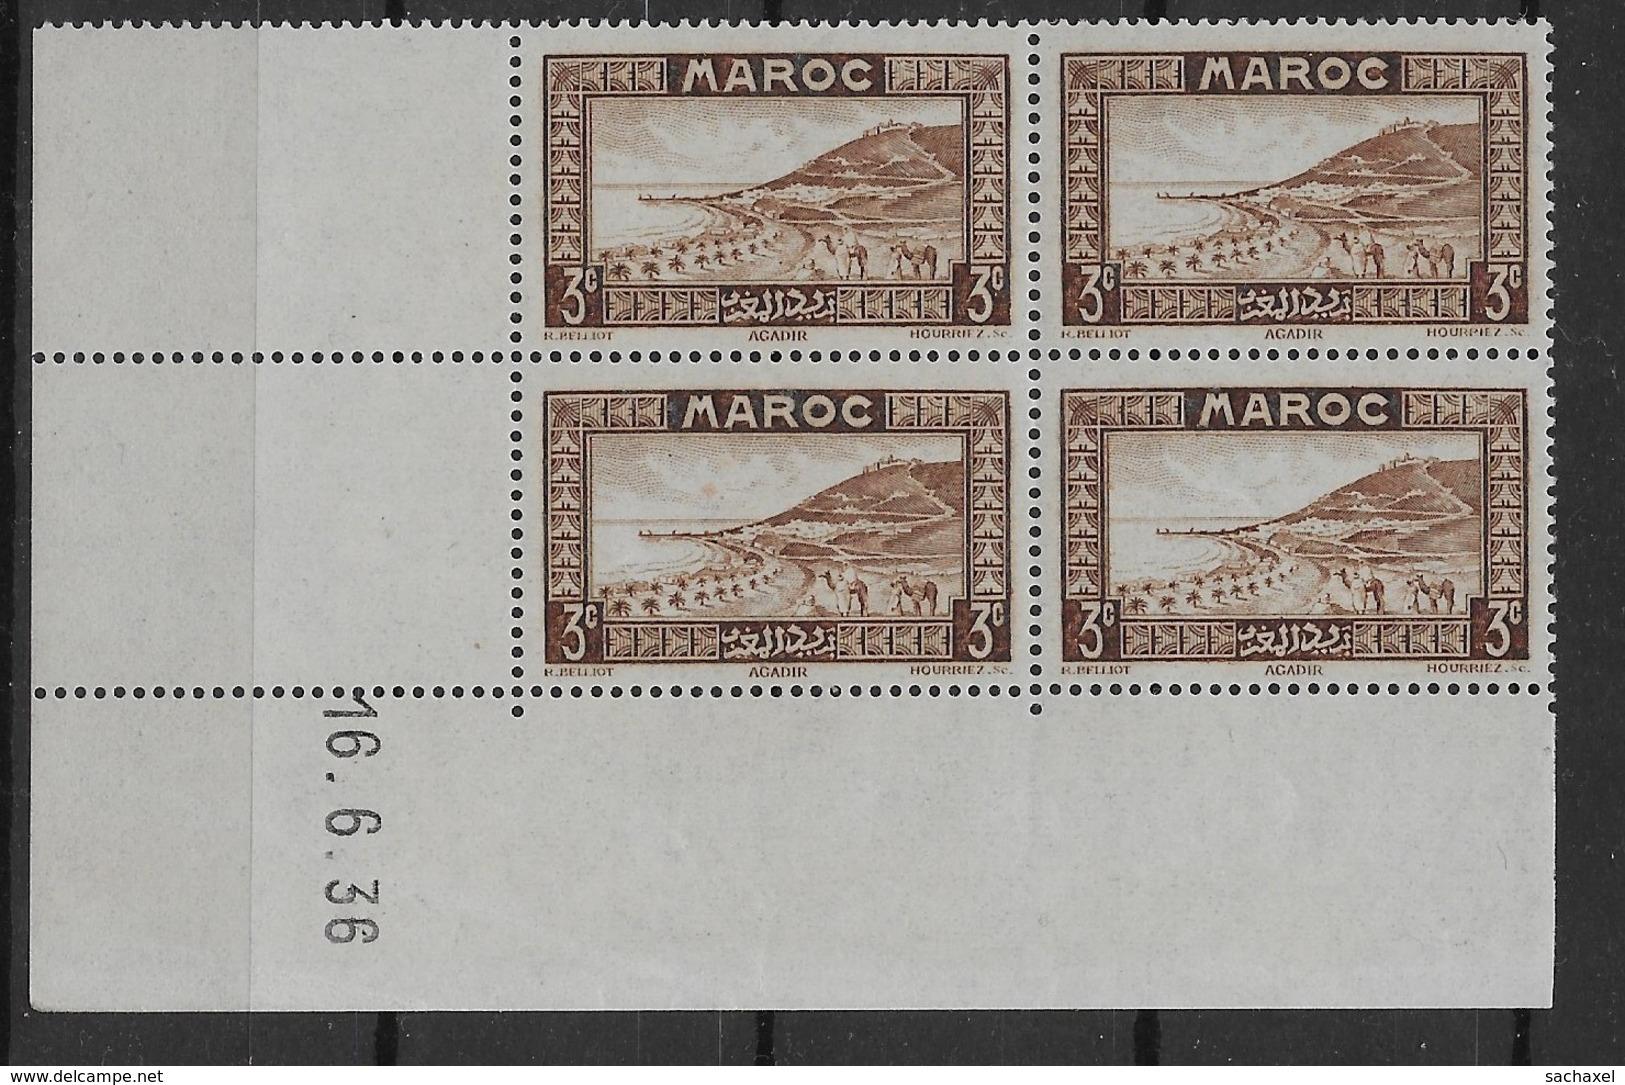 1933-34 Maroc N° 130 Nf** MNH. ' Bloc Coin Daté 16. 6. 36 ). Rade D'Agadir - Ungebraucht